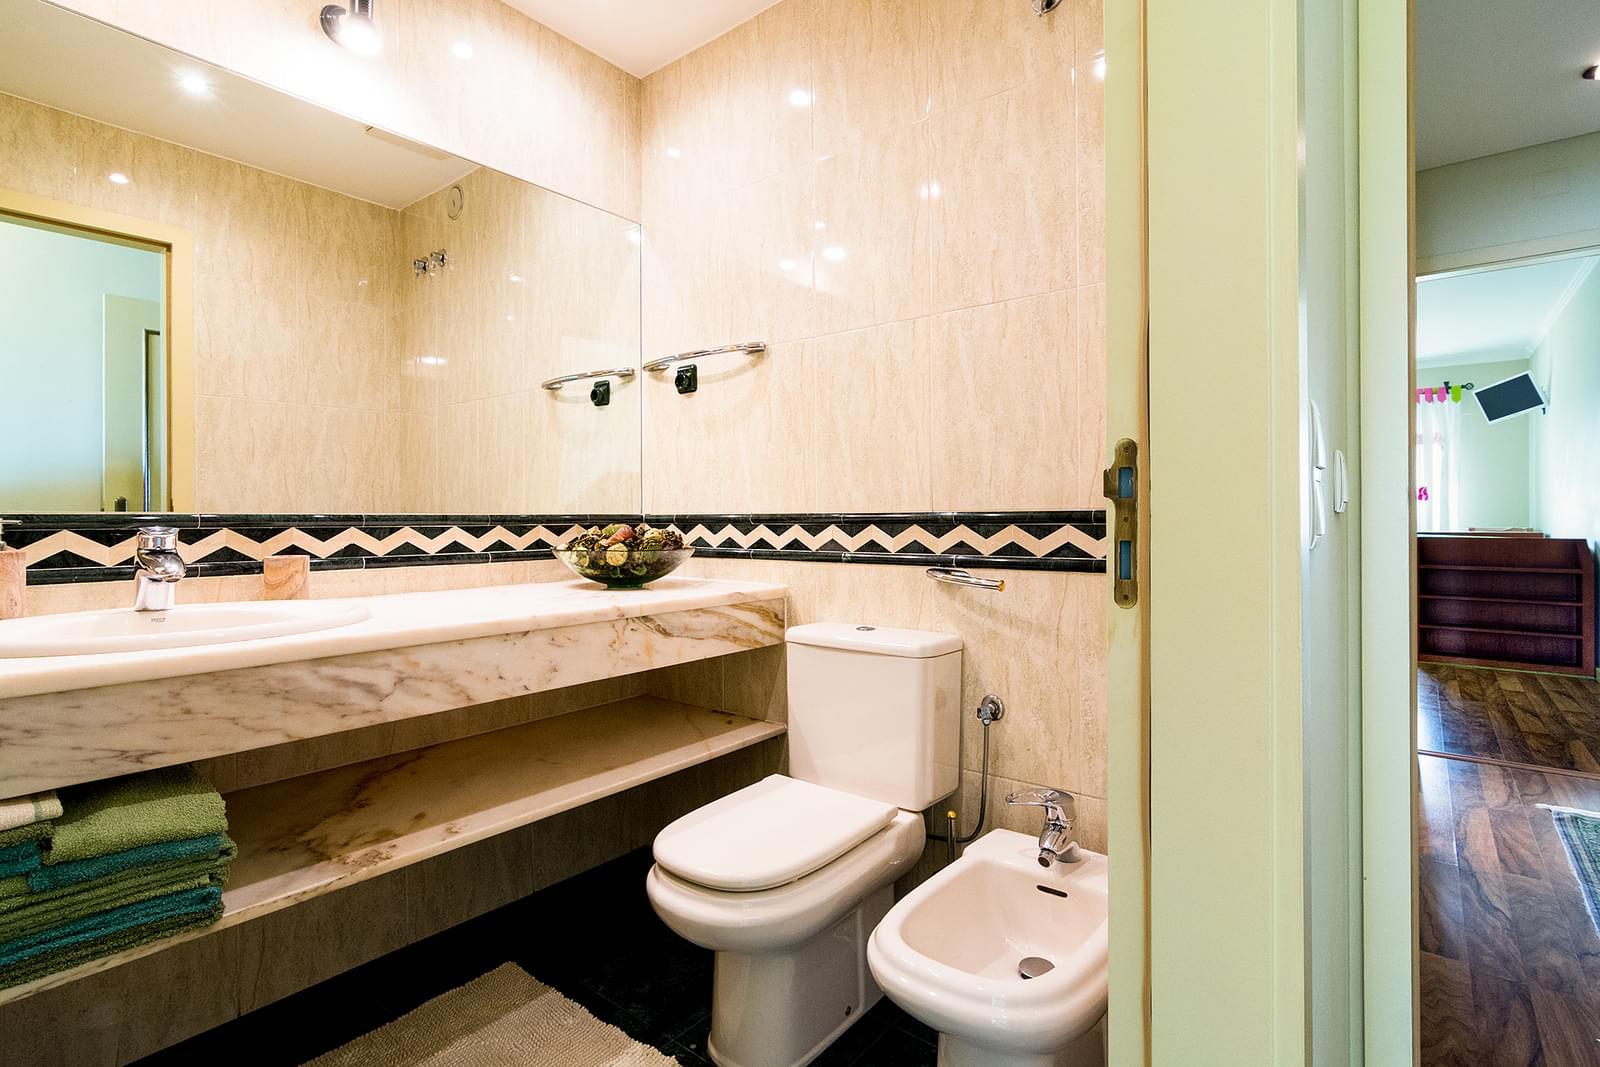 pf17449-apartamento-t4-lisboa-0918462a-6dc6-40a0-bc7e-27e175af44bc